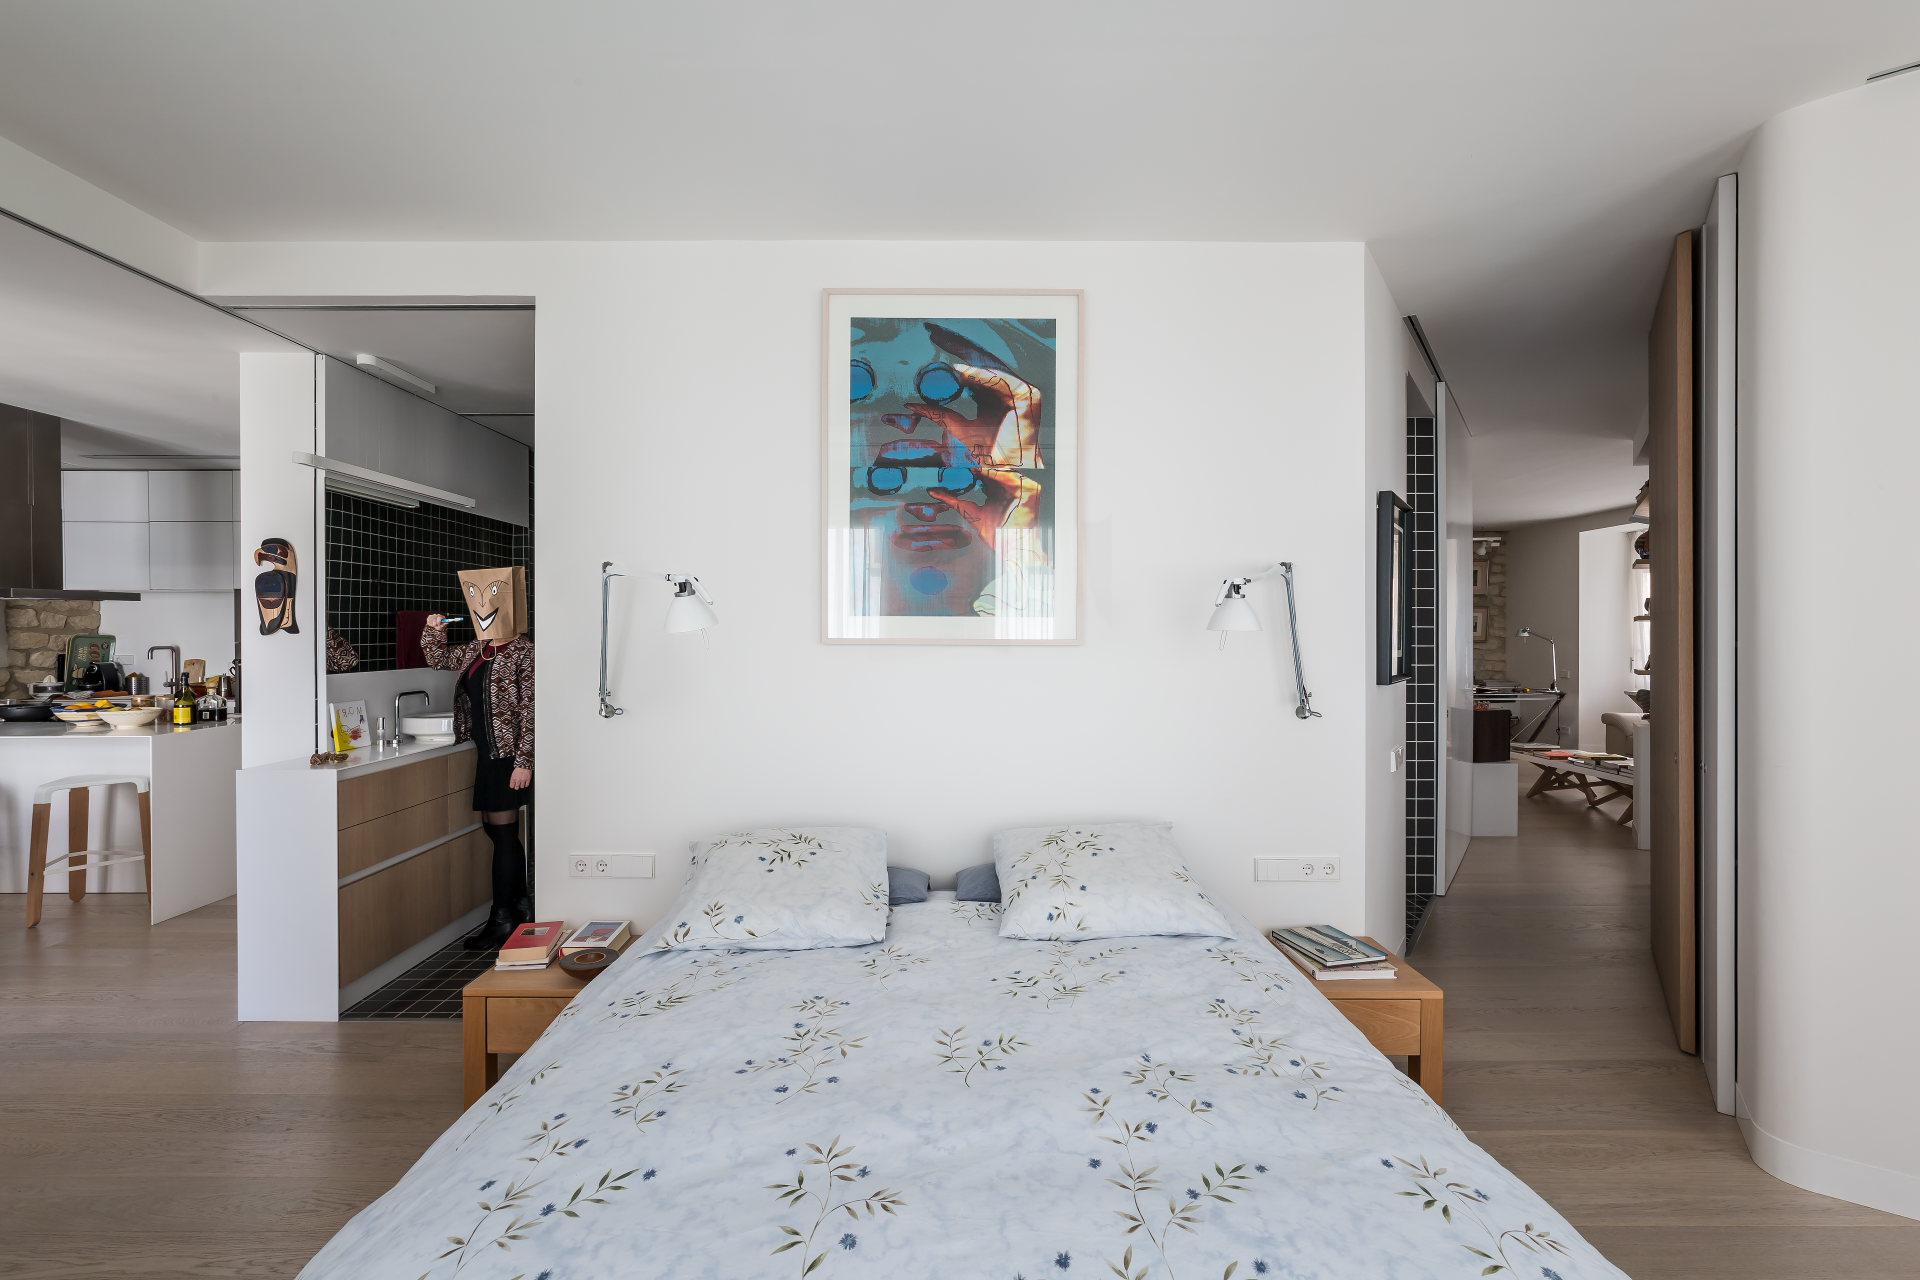 fotografia-arquitectura-valencia-german-cabo-selecta-home-alicante (21)